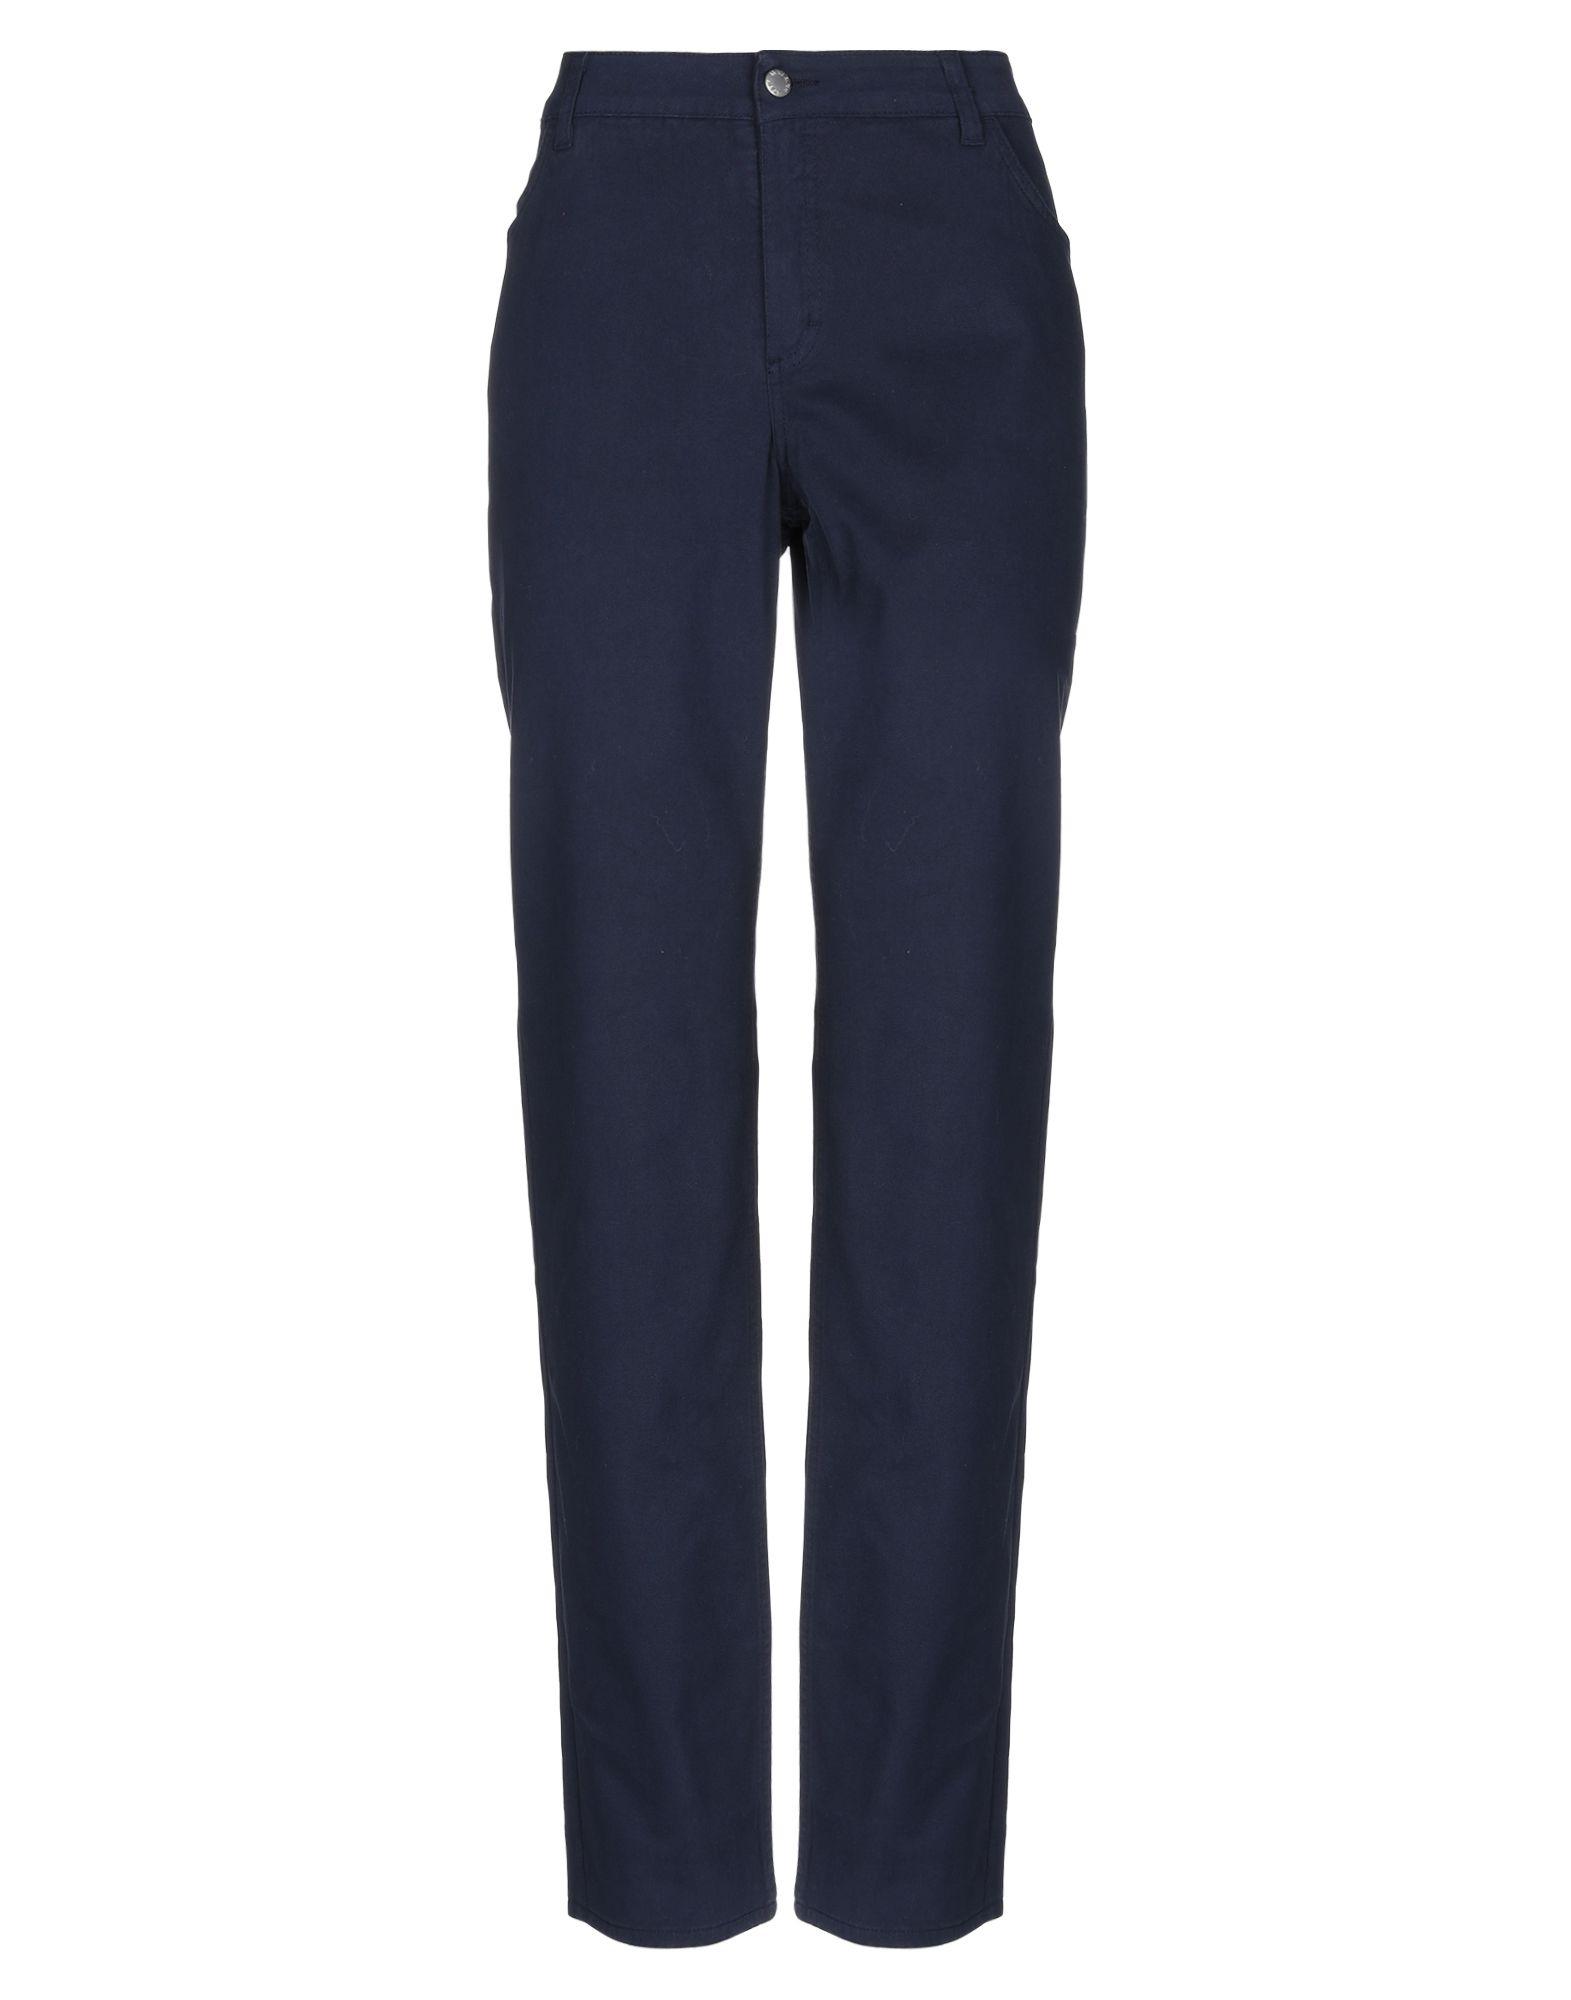 MAURICE ABOT Повседневные брюки maurice abot брюки капри